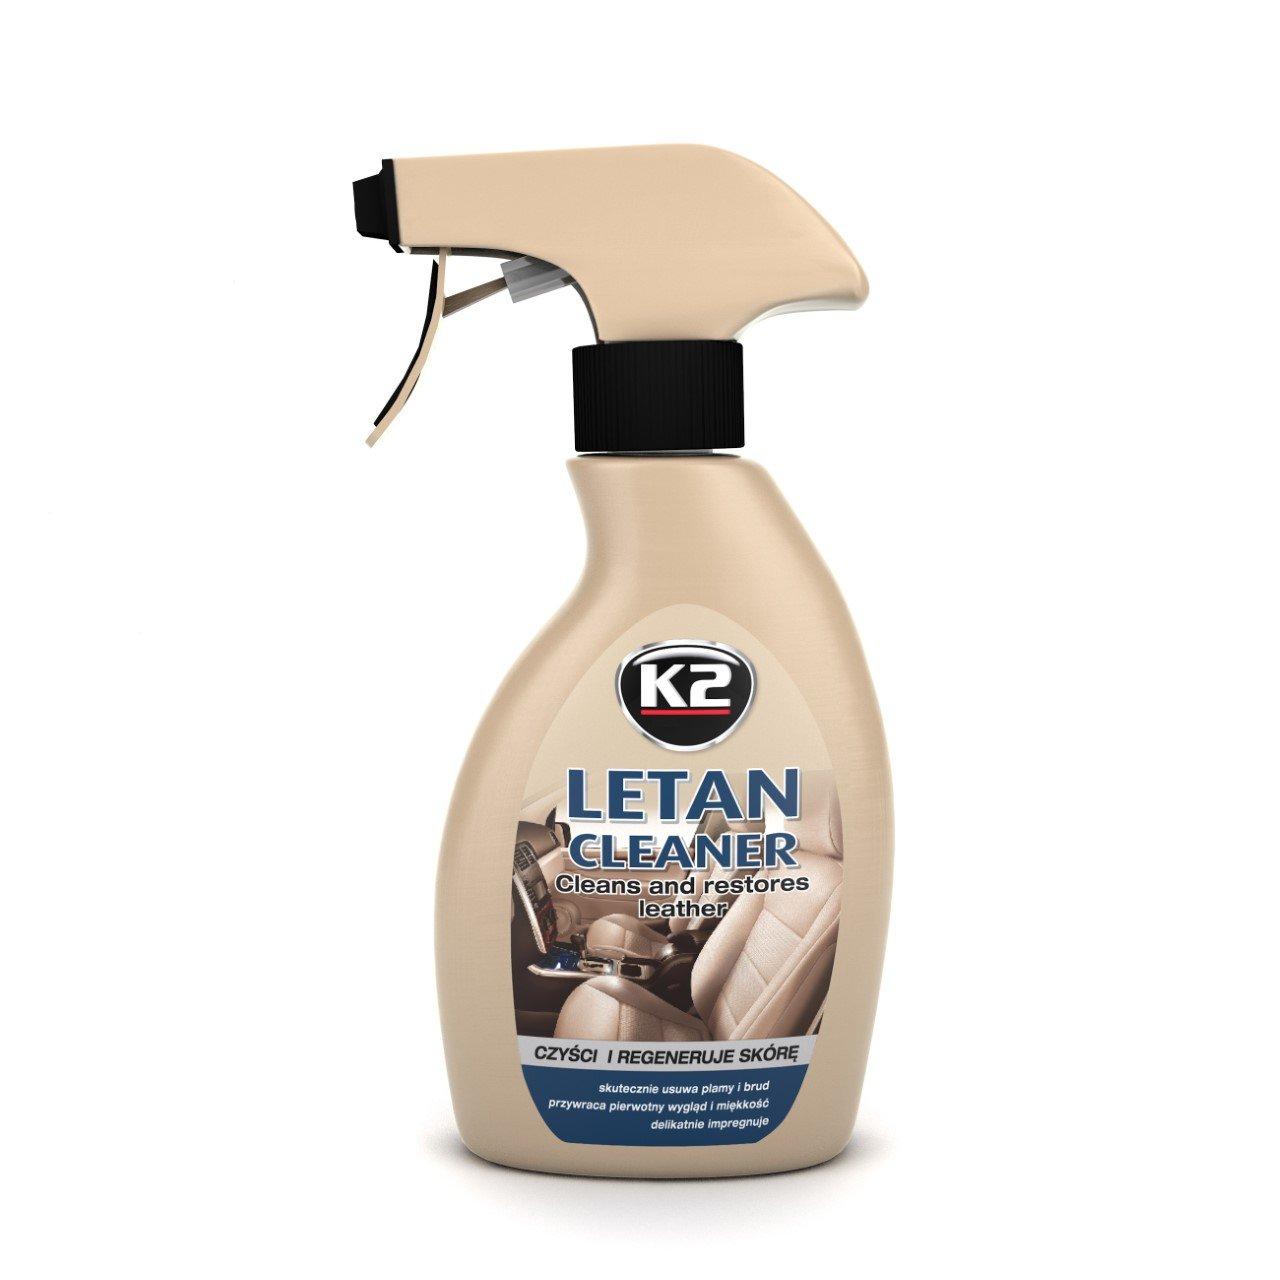 K2 - Piel cuidado, limpiador & bá lsamo, muy bien verarbeitbar, agradable olor, botella de aerosol 200 ml limpiador & bálsamo botella de aerosol 200ml